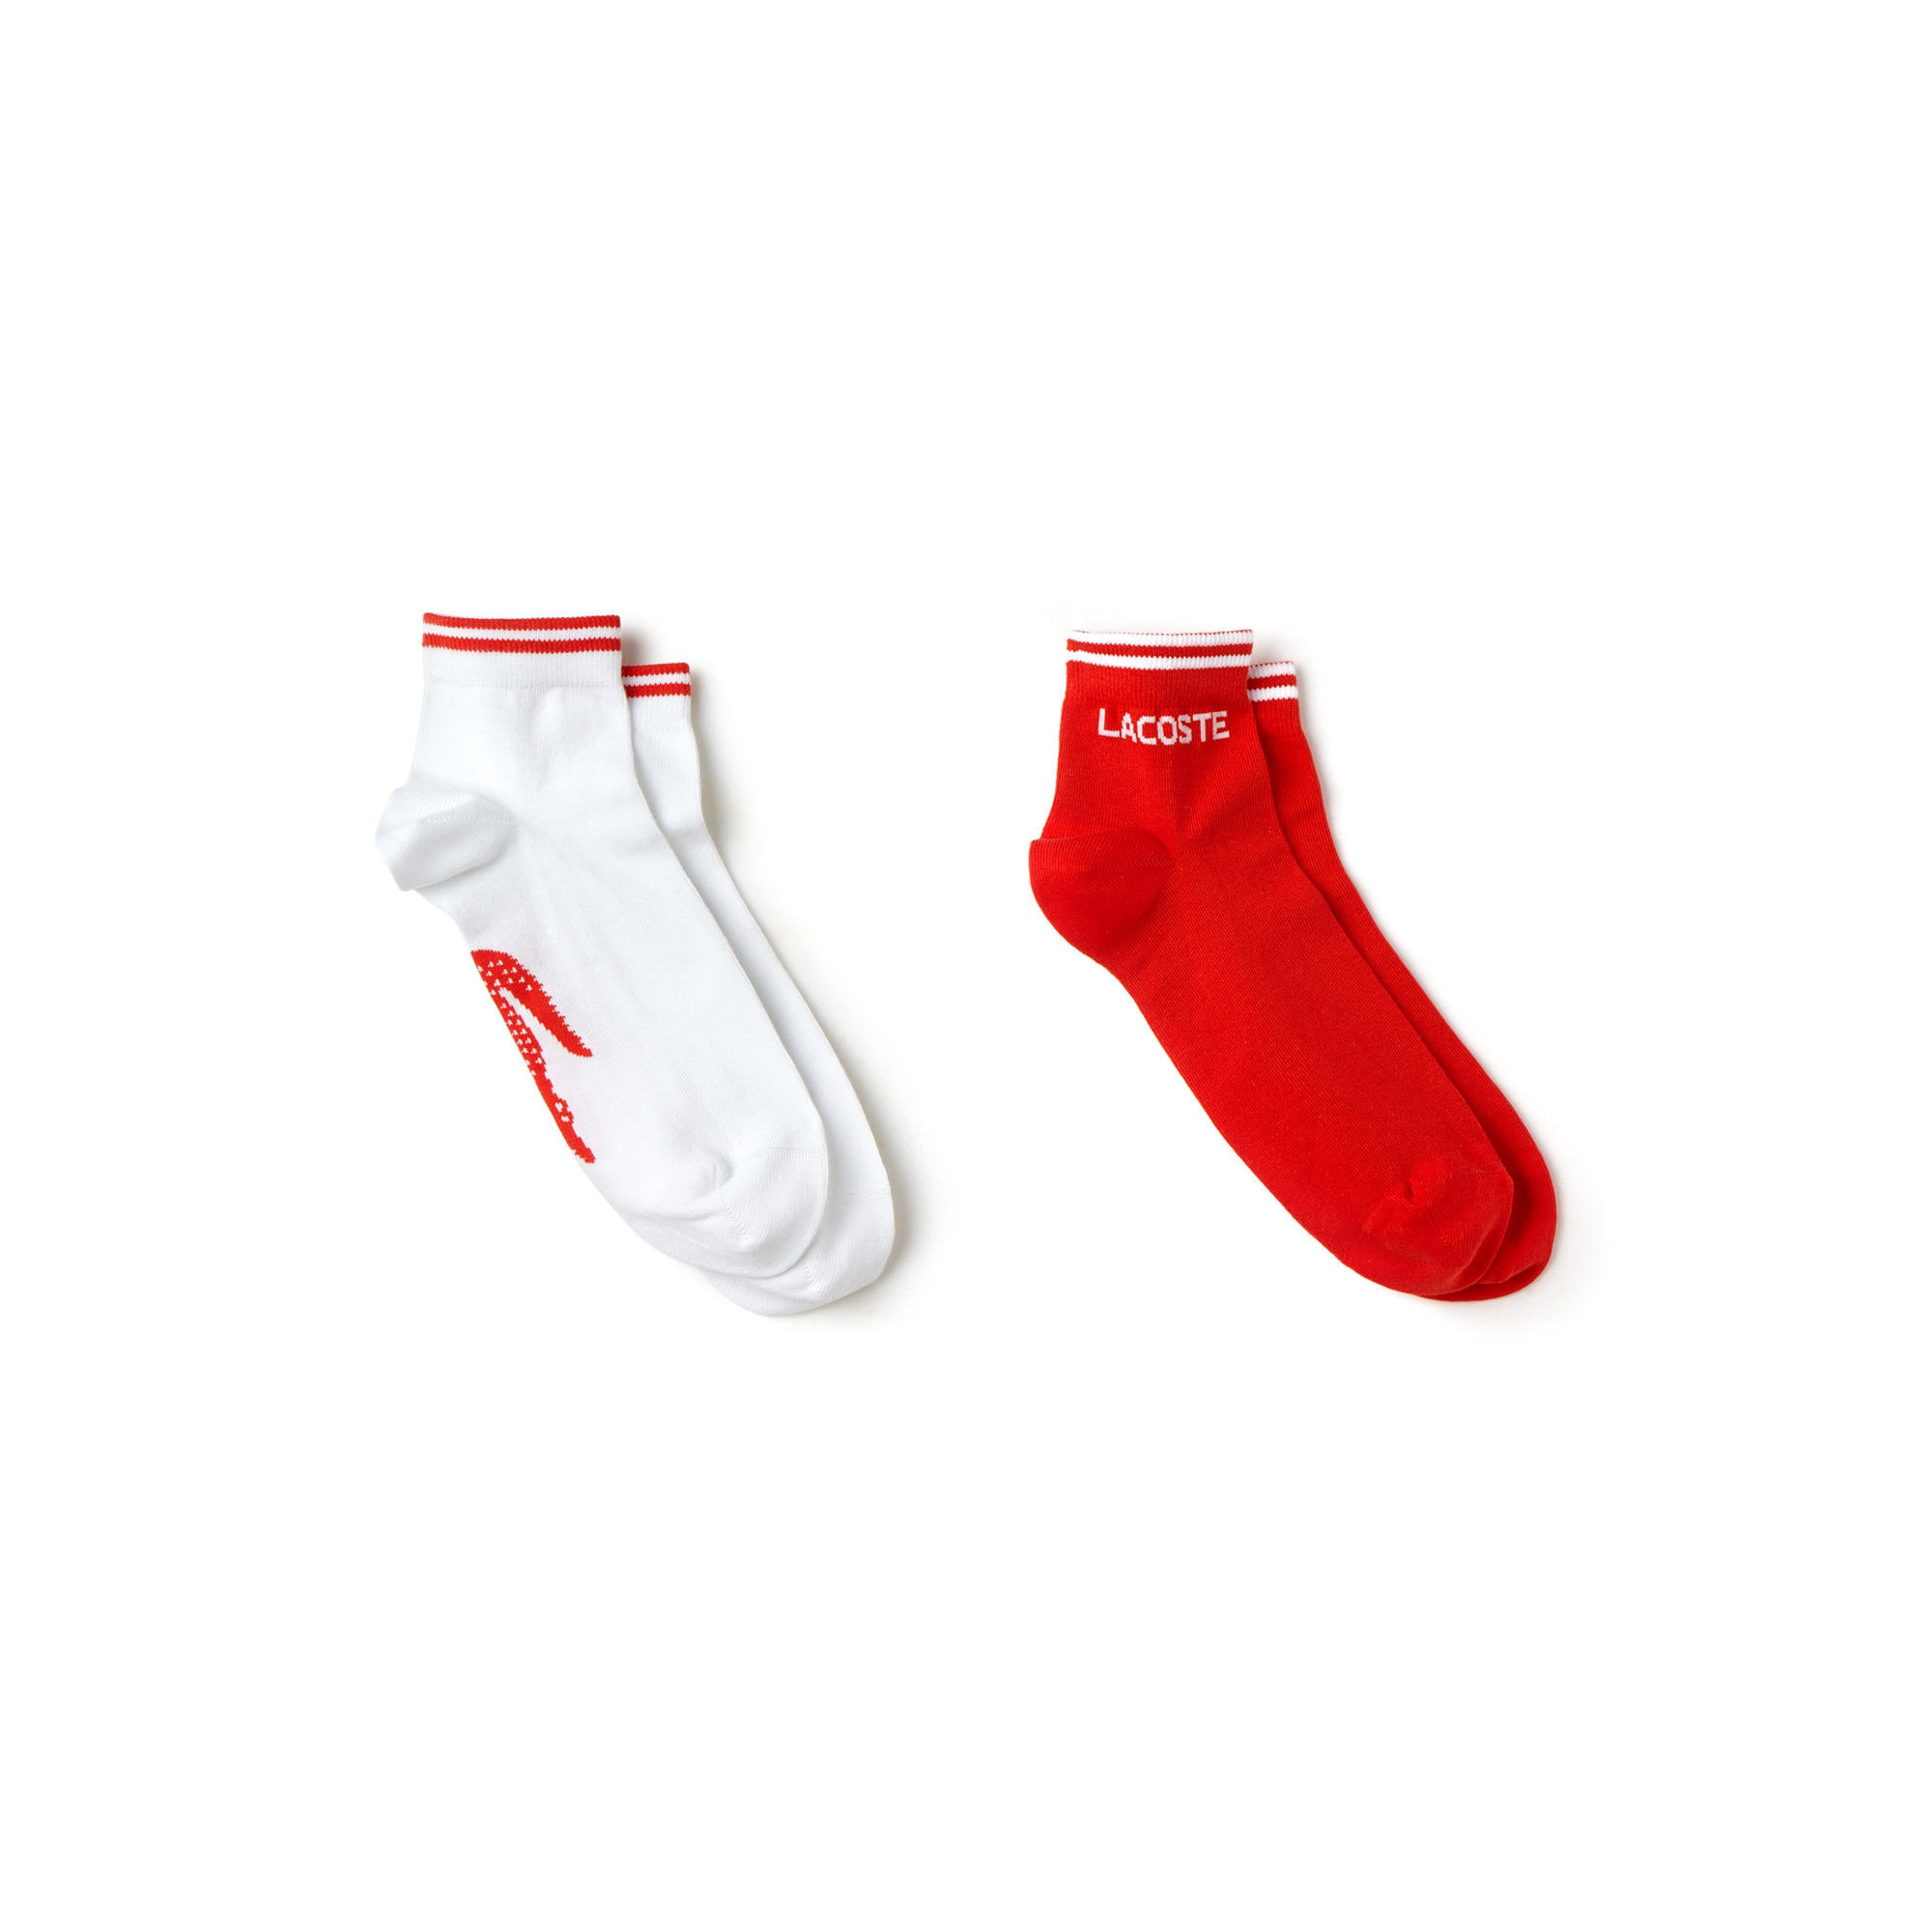 Lot de 2 paires de chaussettes Lacoste SPORT en jersey jacquard